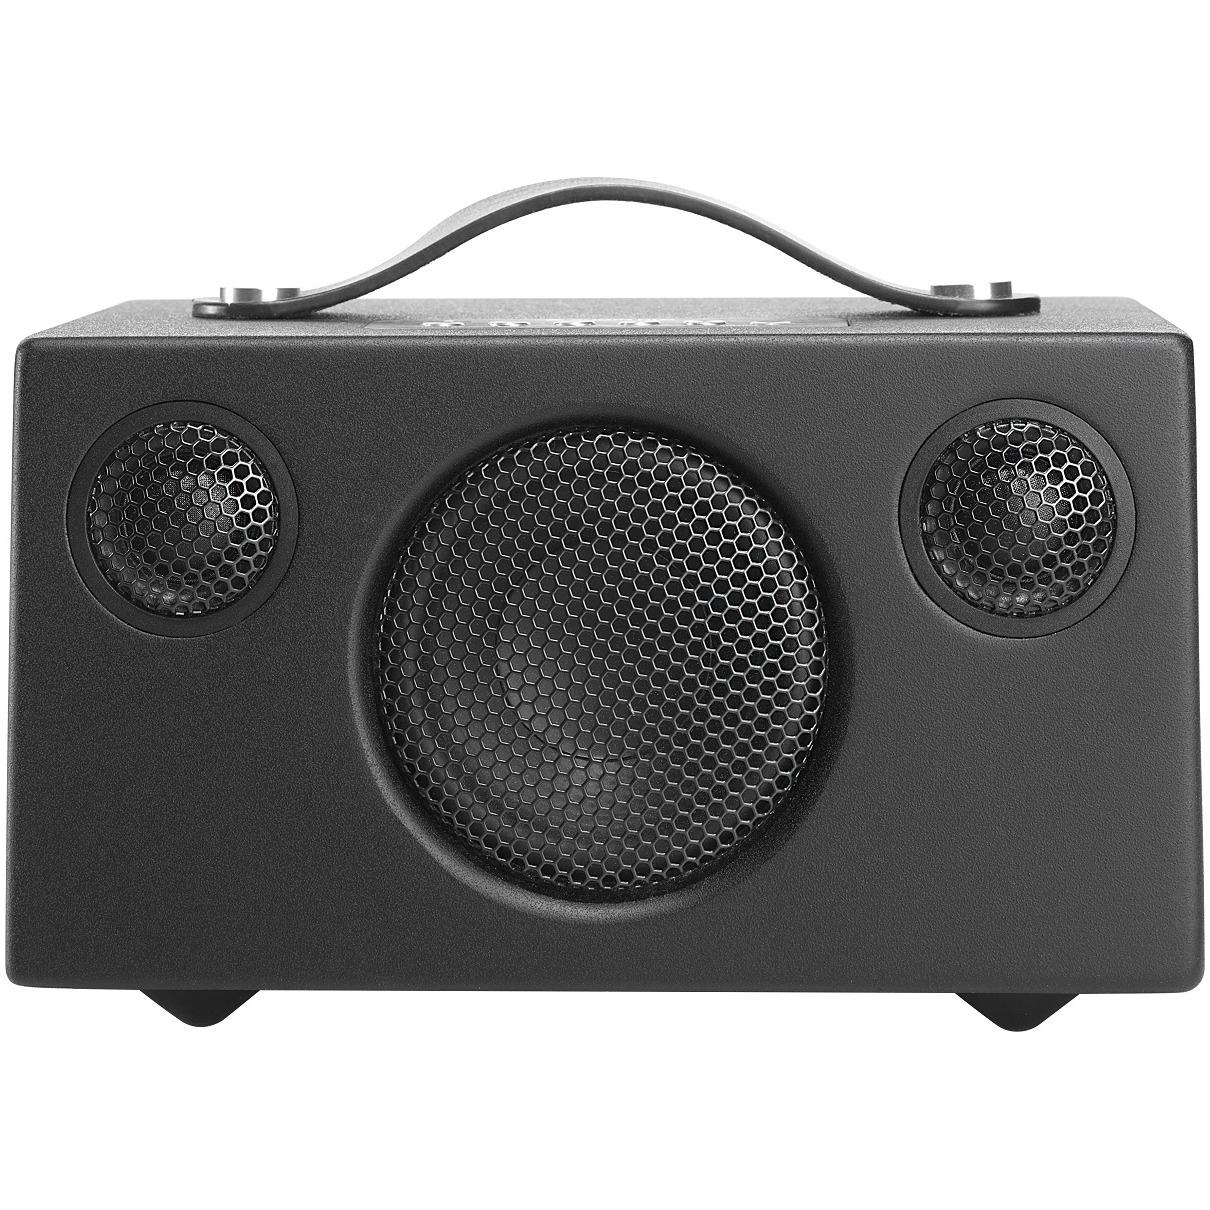 Afbeelding van Audio Pro bluetooth speaker Addon T3 zwart